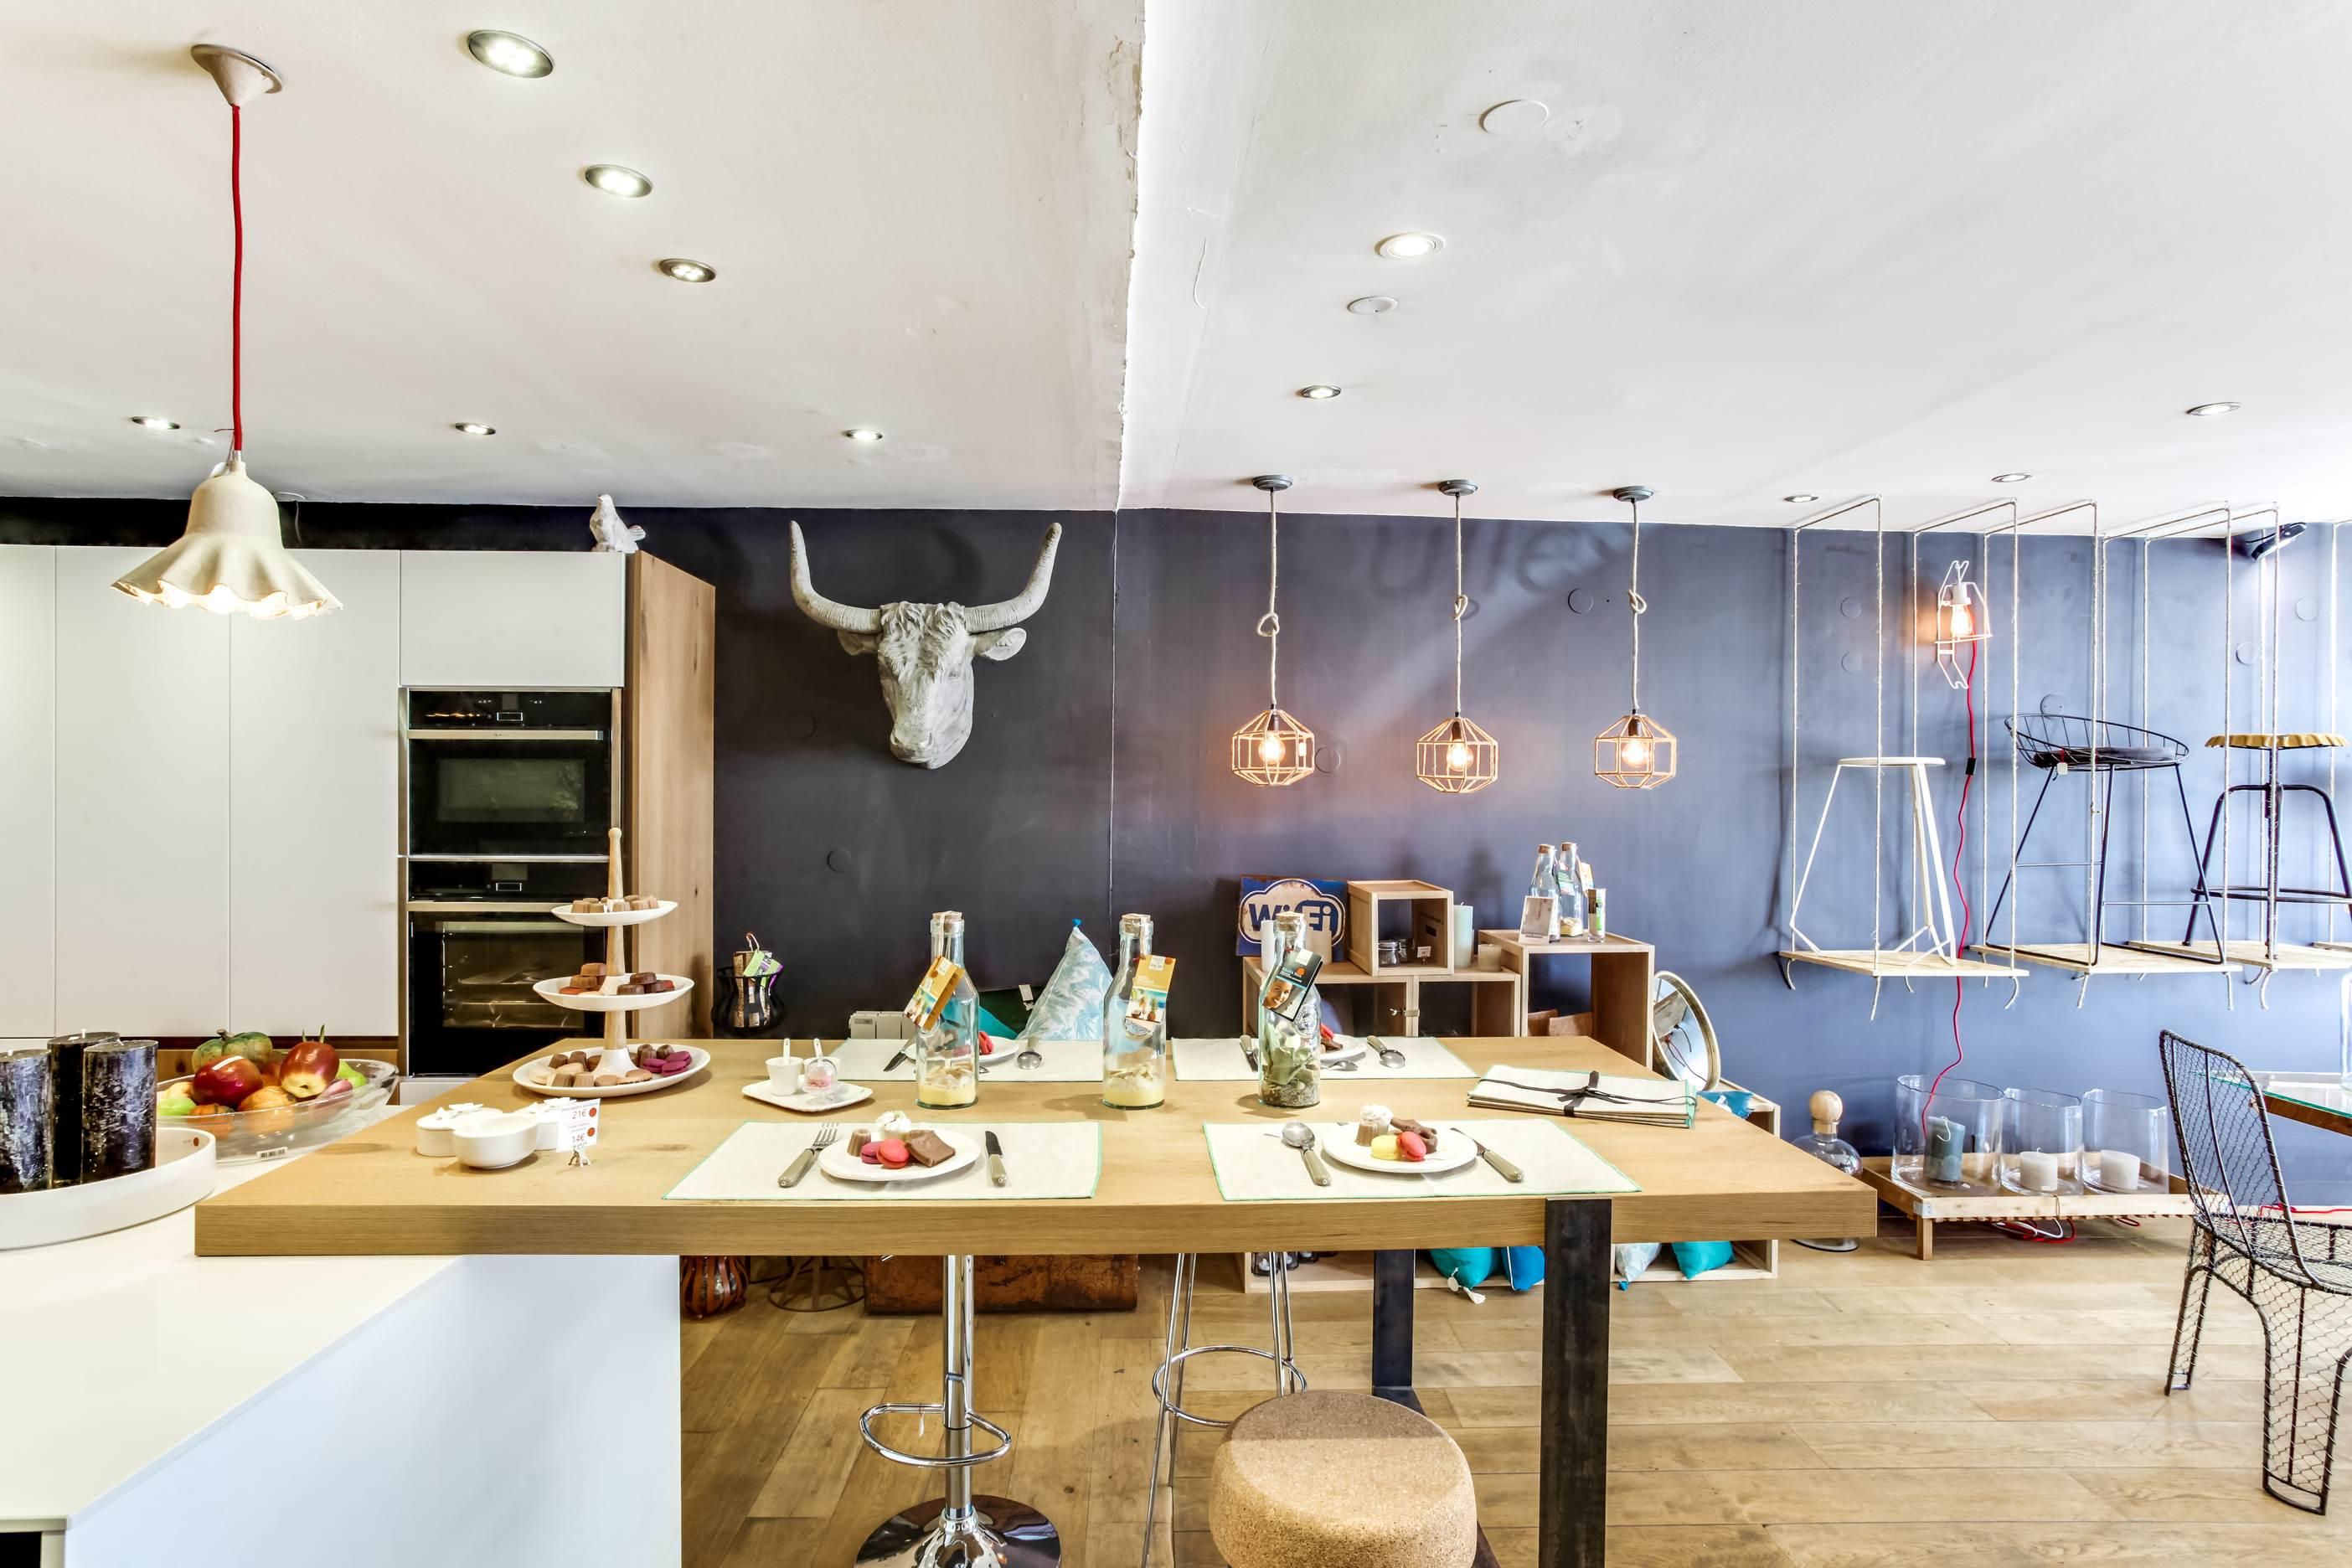 Cuisine Scandinave Blanc Et Bois art et matières archives - bulles cuisines